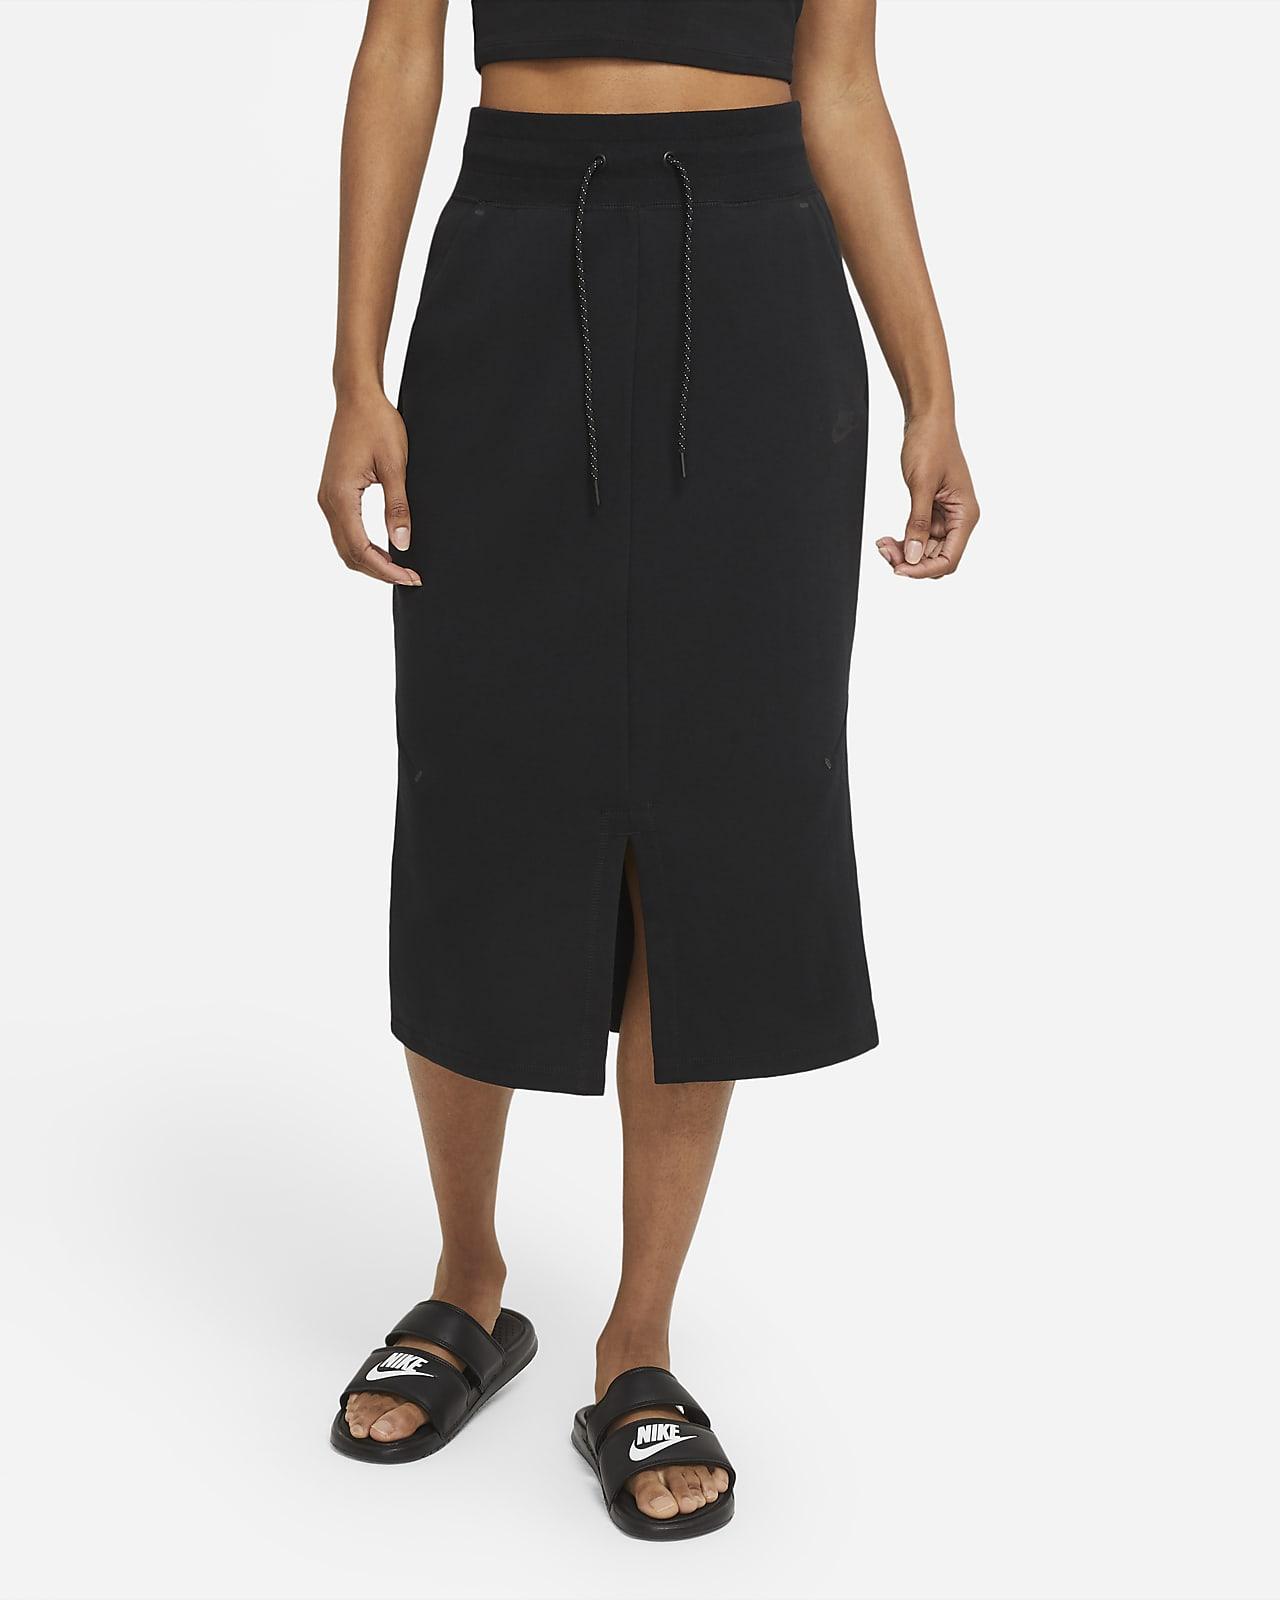 Nike Sportswear Tech Fleece Women's Skirt